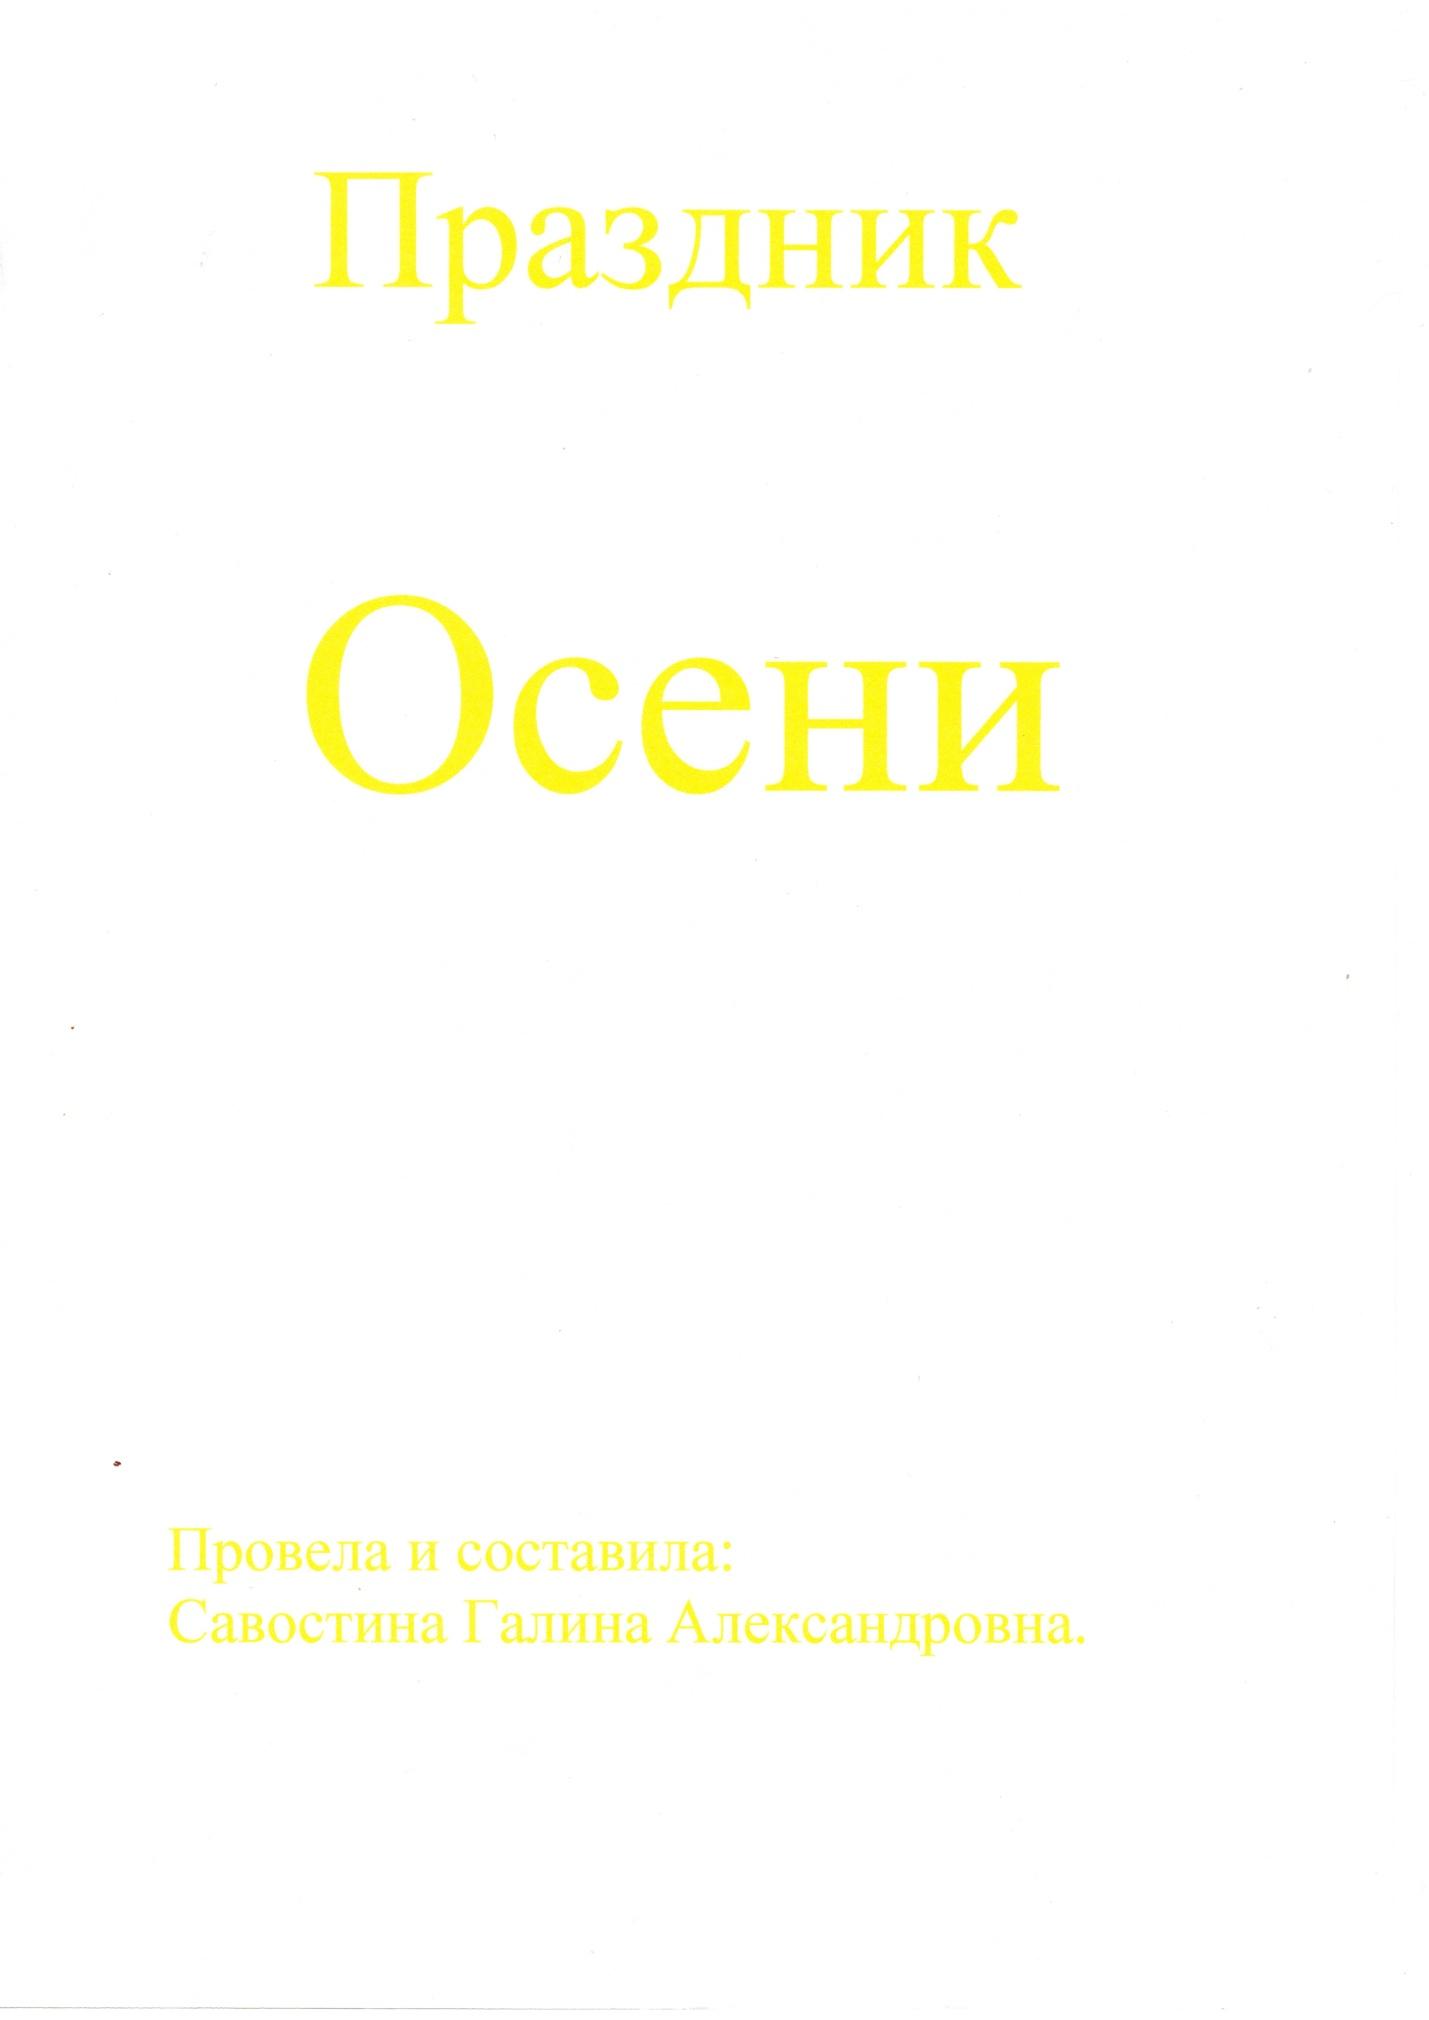 D:\Фото\ОСЕНЬ ПРАЗДНИК\Новая папка\02.JPG